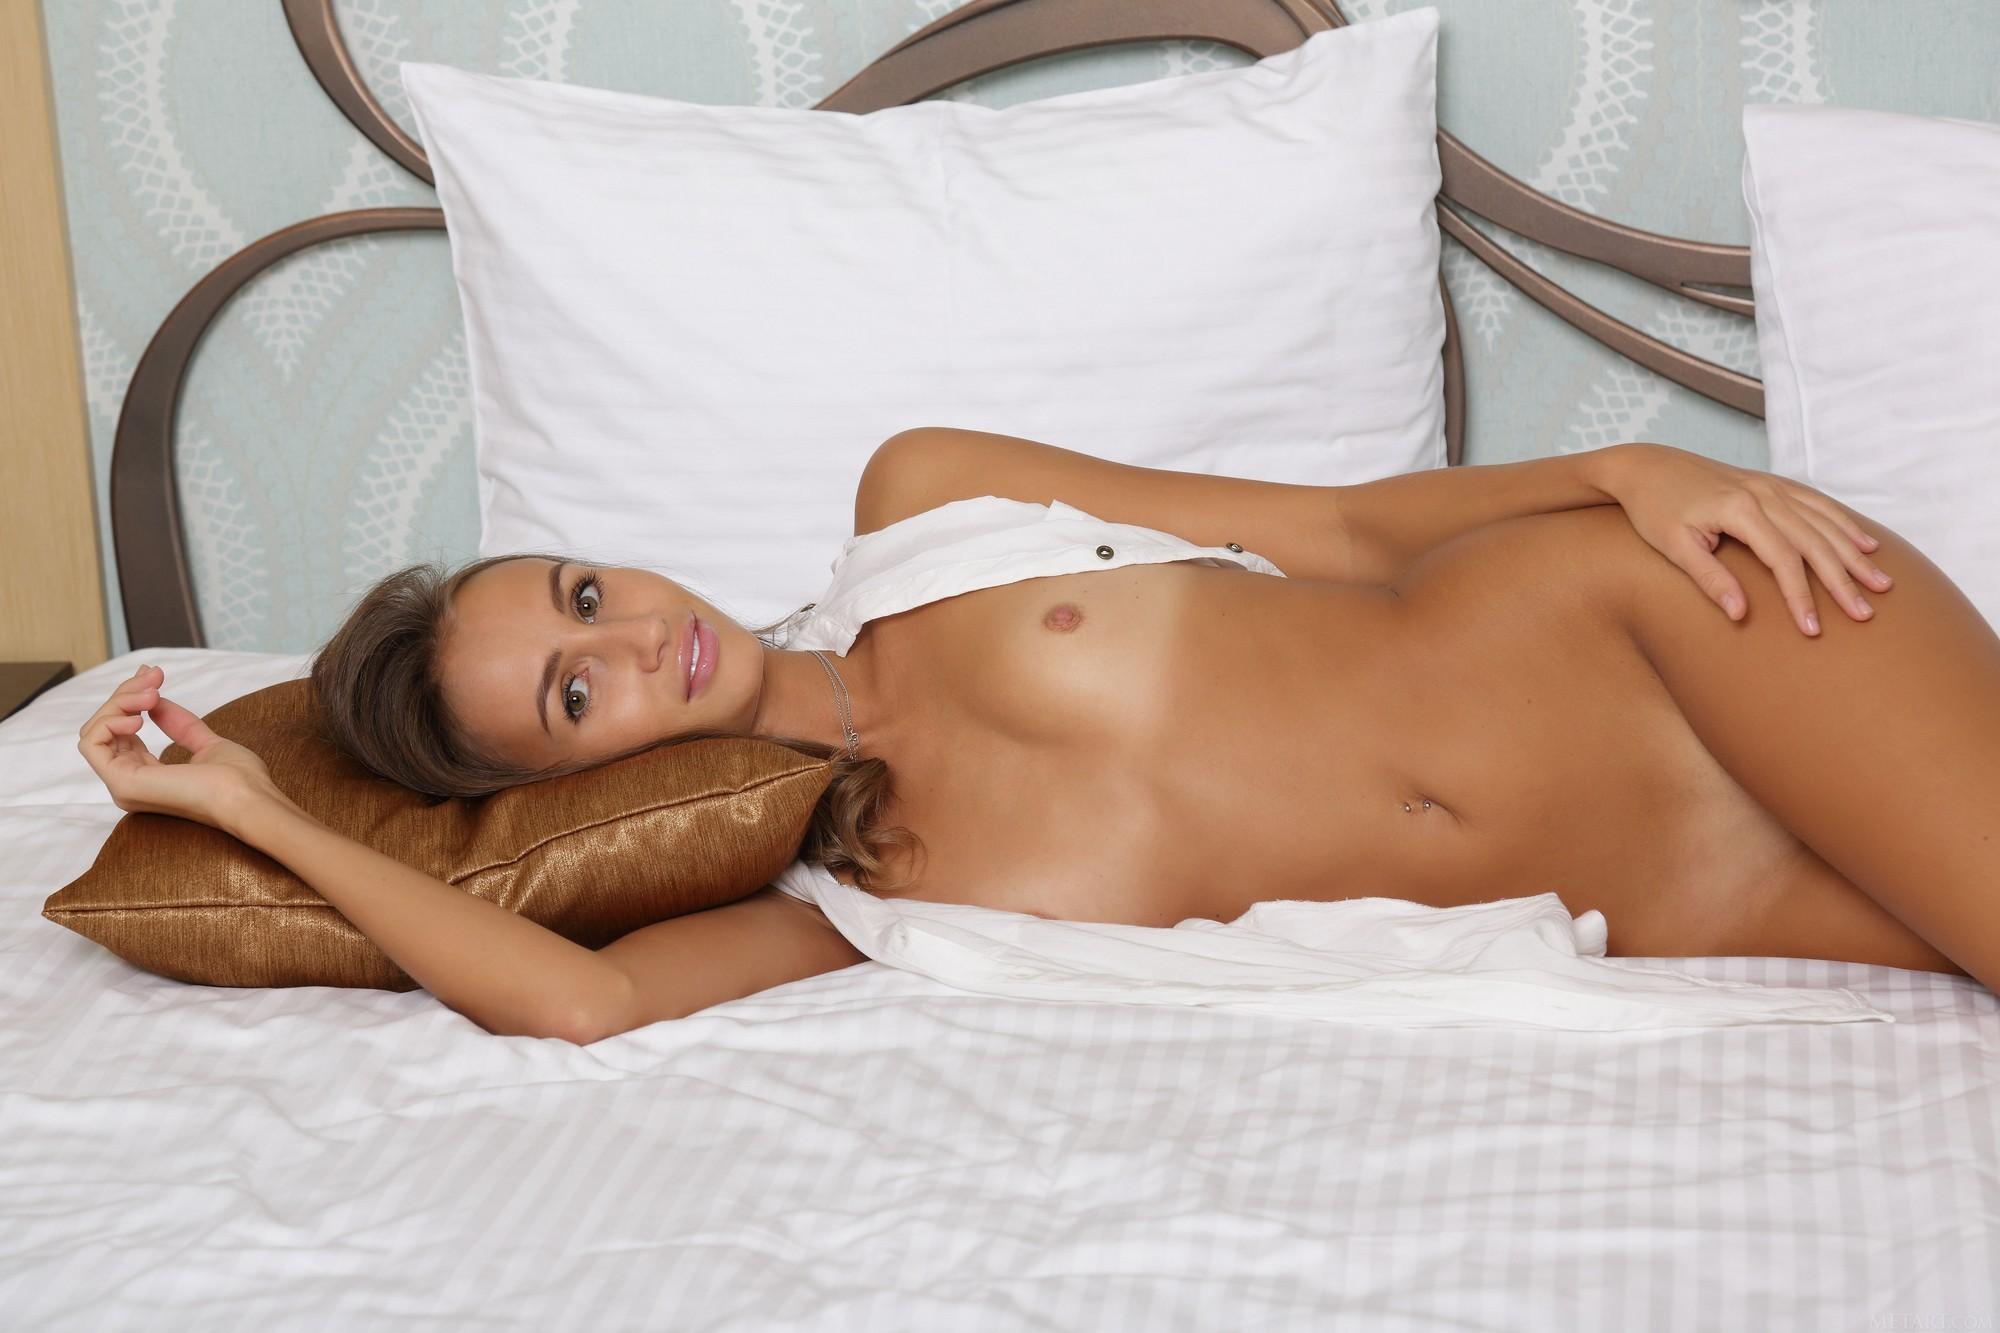 Красивая девица в белых трусиках оголилась на кровати - фото